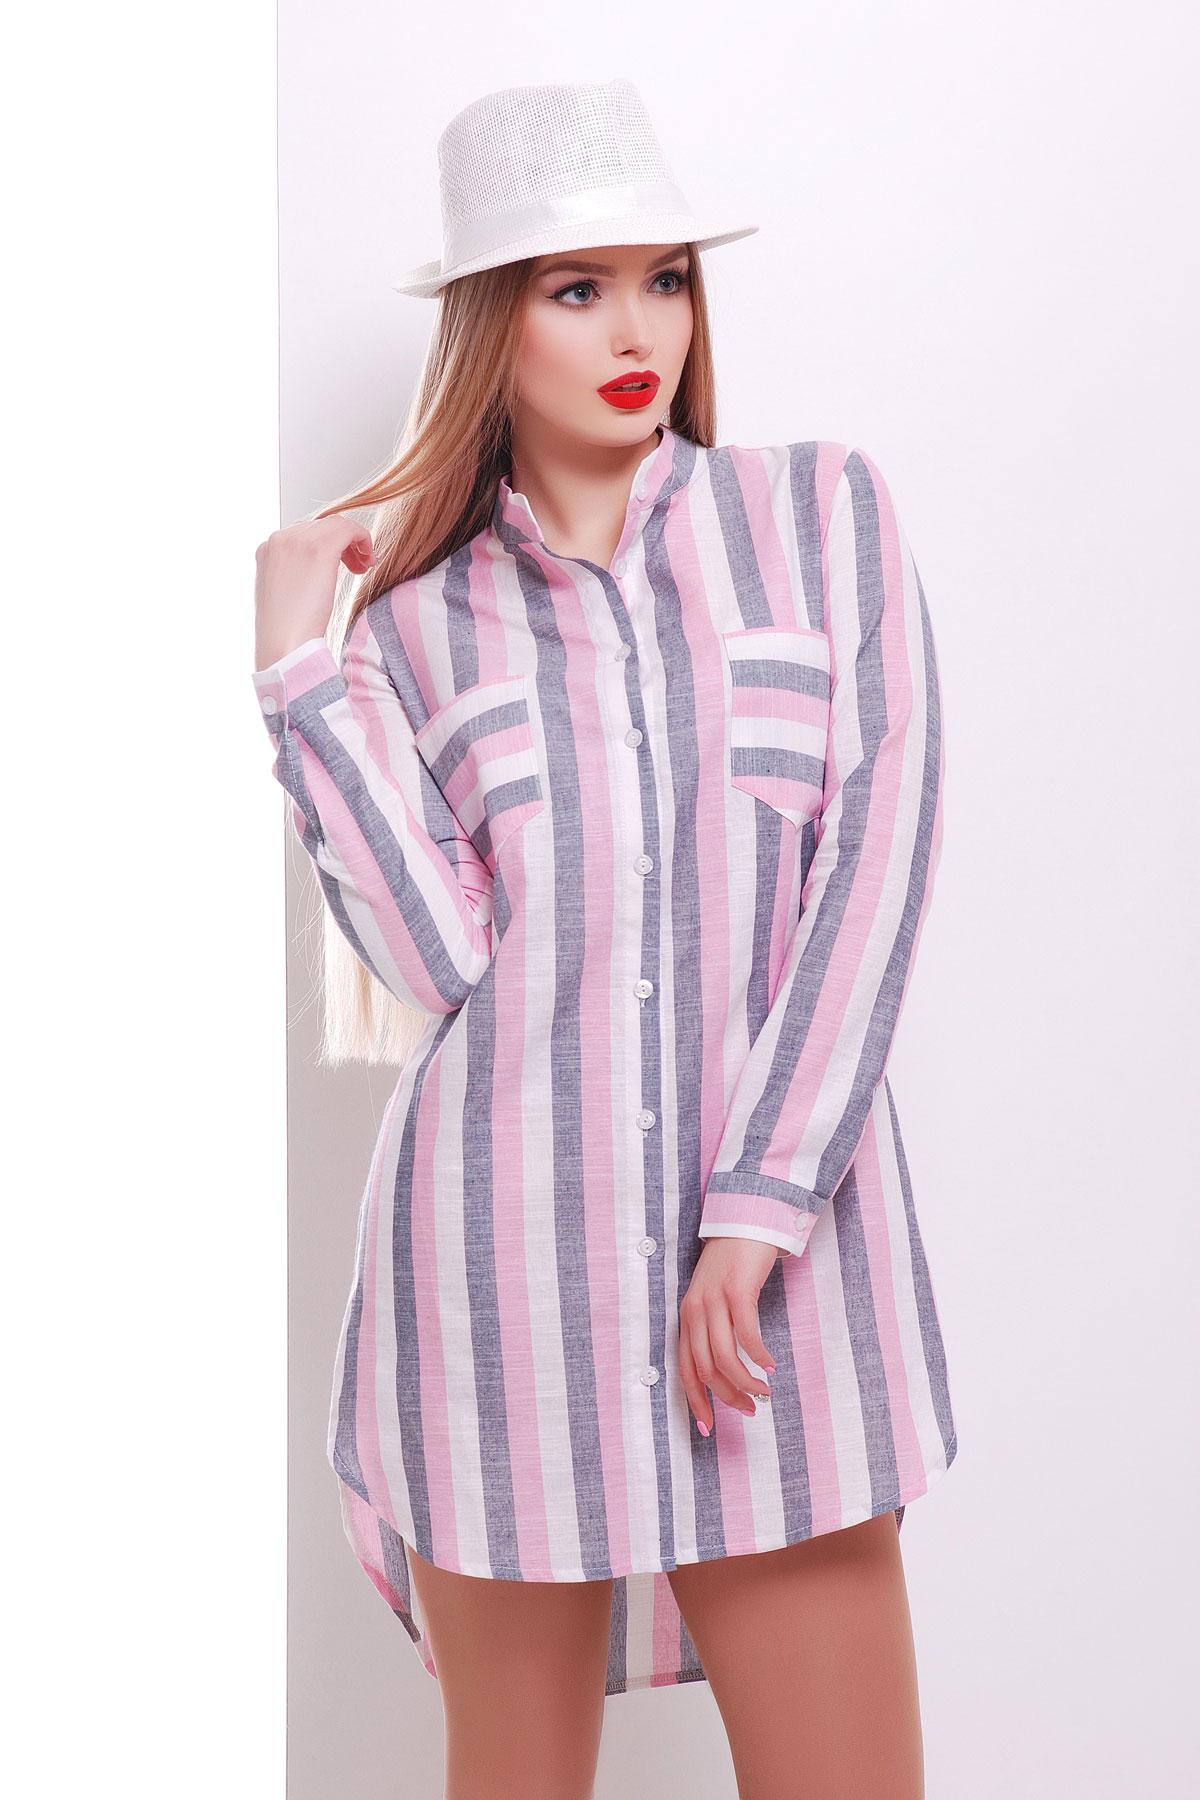 4146ab14e1e длинная полосатая рубашка. рубашка Саронта д р. Цвет  розовый-черная полоска